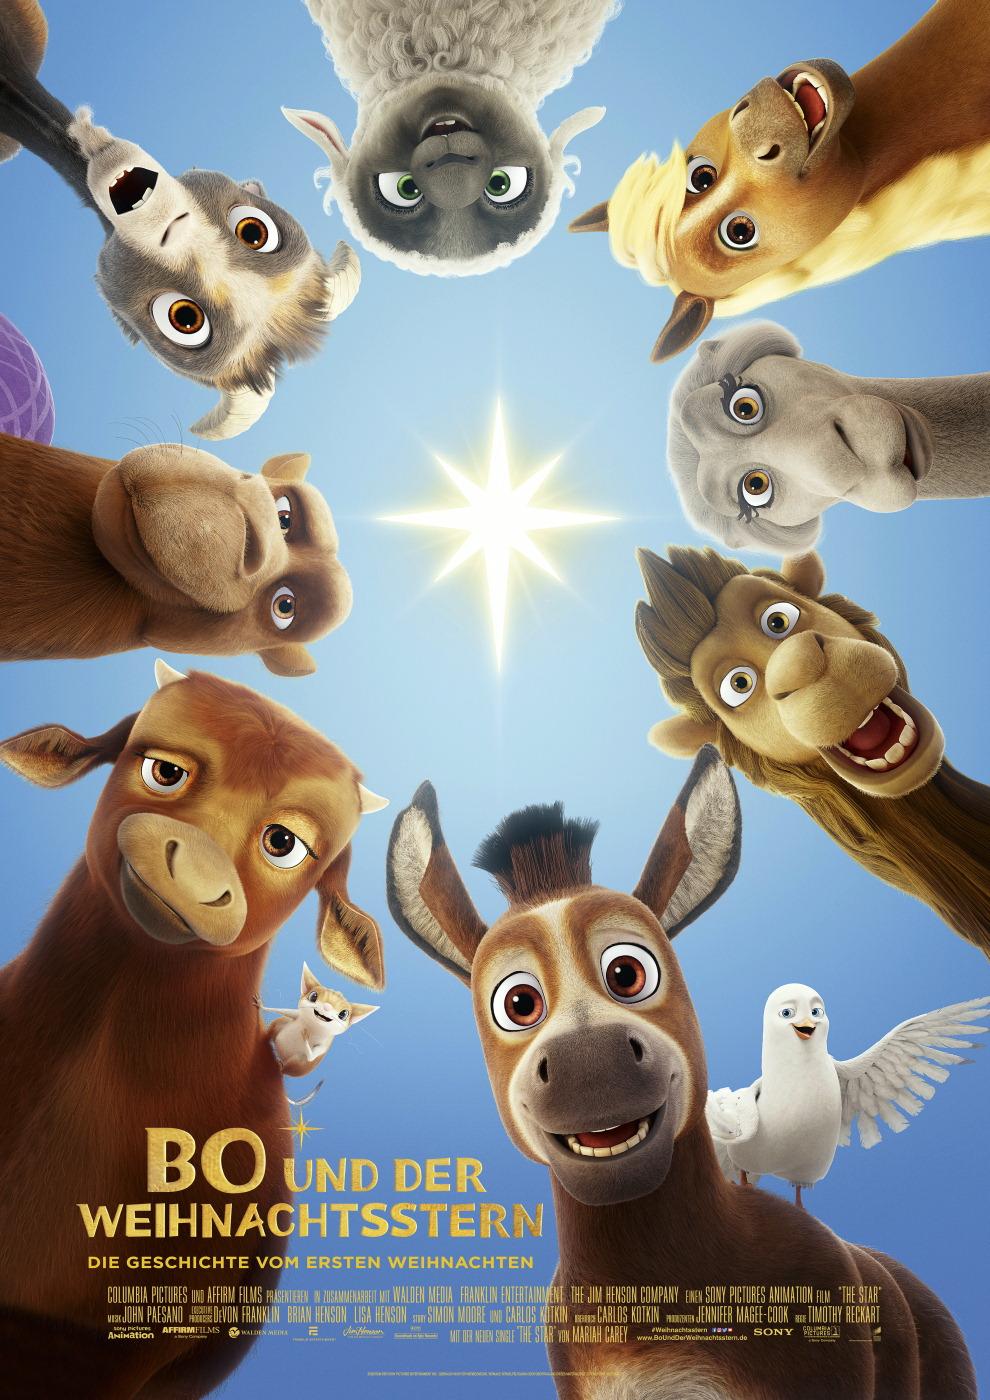 Lisas Erster Weihnachtsbaum.Bo Und Der Weihnachtsstern Film 2017 Trailer Kritik Kino De